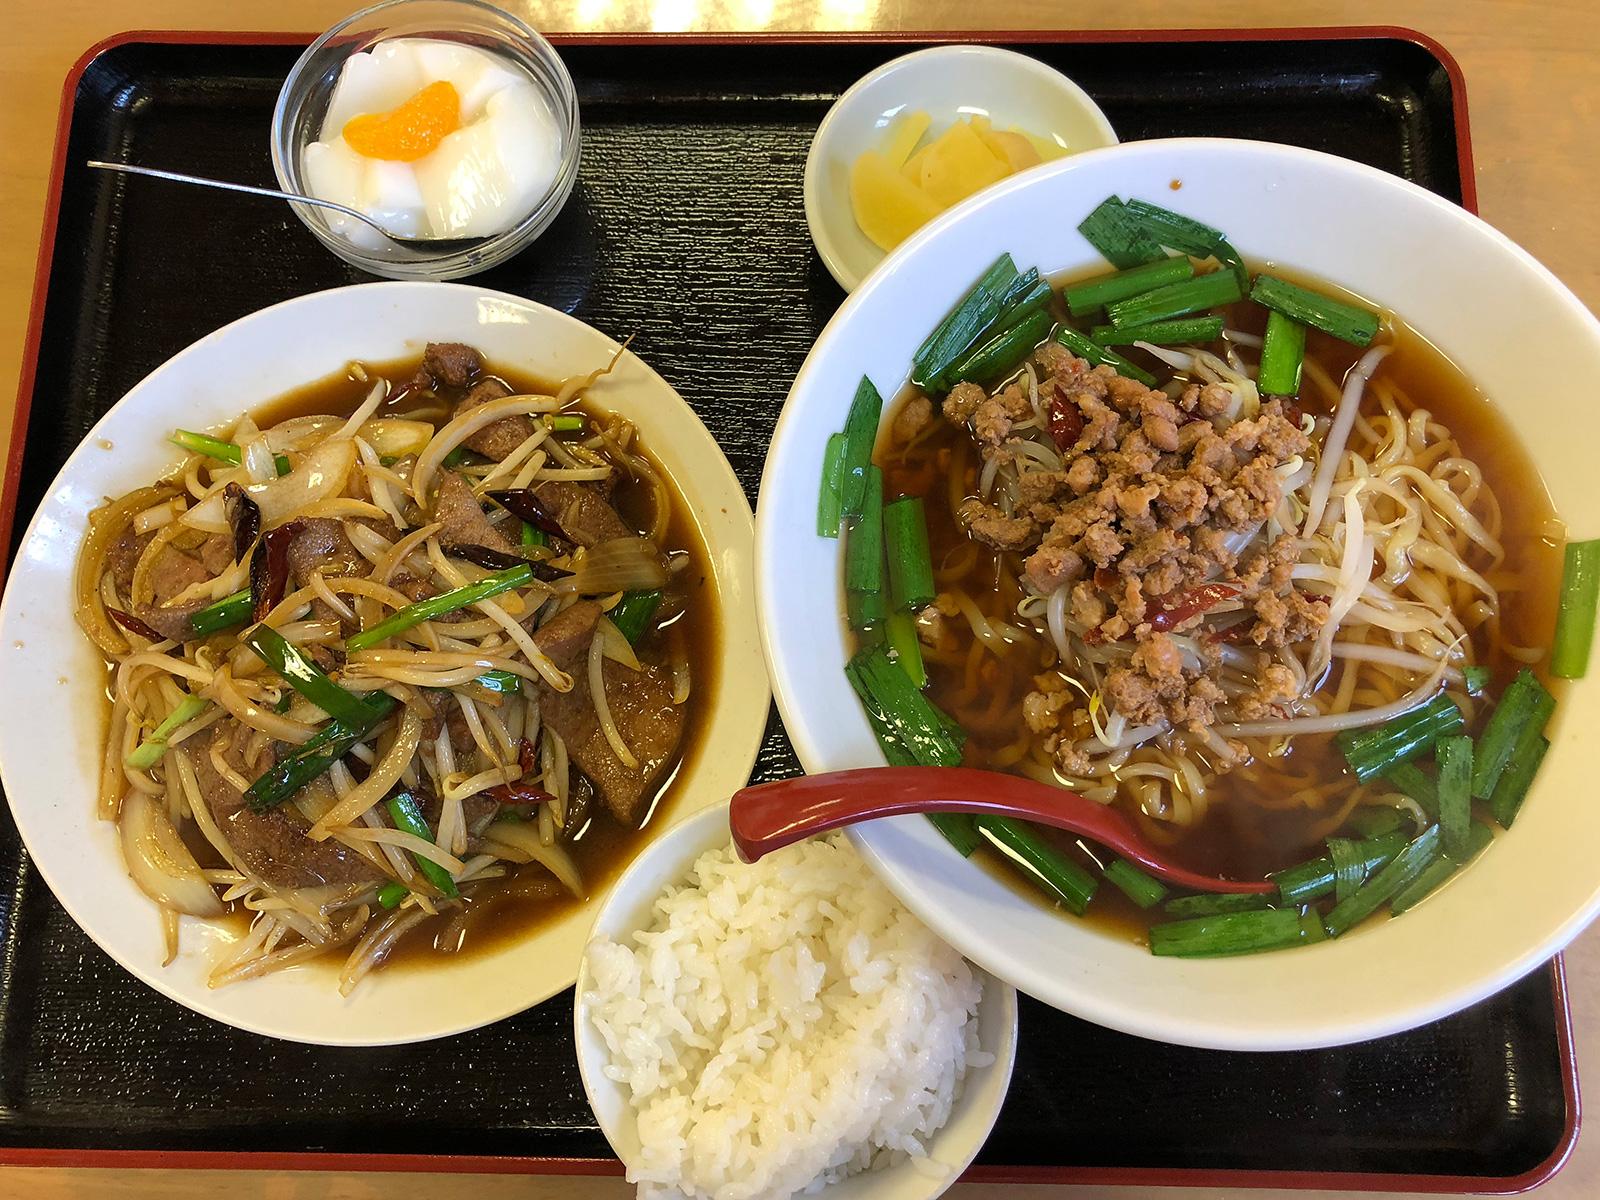 「中華料理 極」のニラレバ炒めと台湾ラーメンランチ @西春